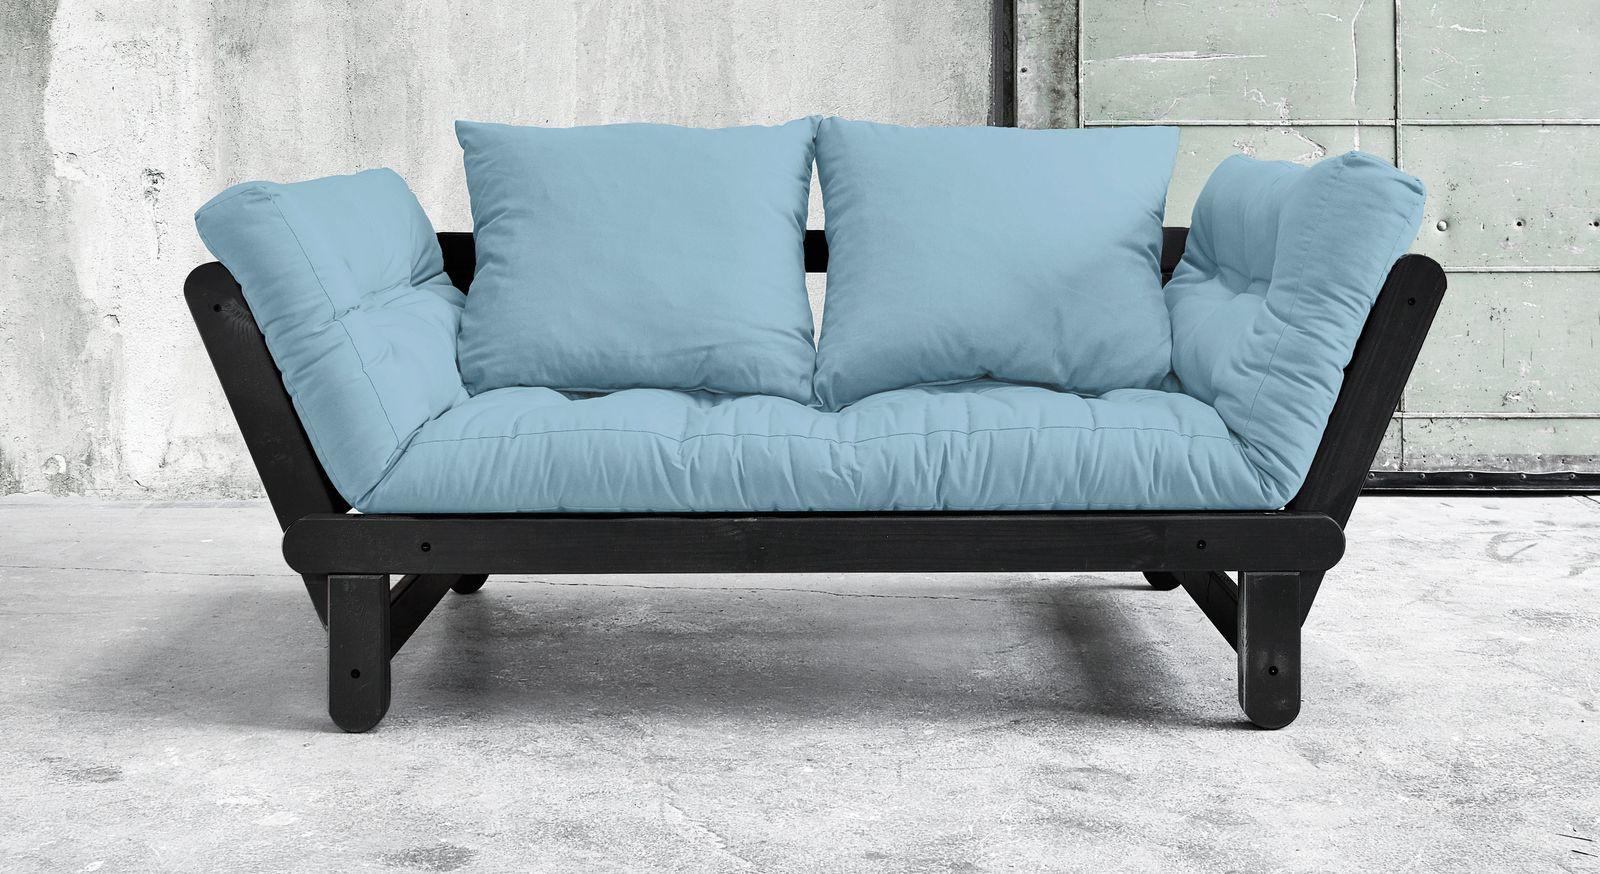 Außergewöhnlich Couch Hellblau Ideen Von Den Matratzenbezug Des Sofas Können Sie Aus